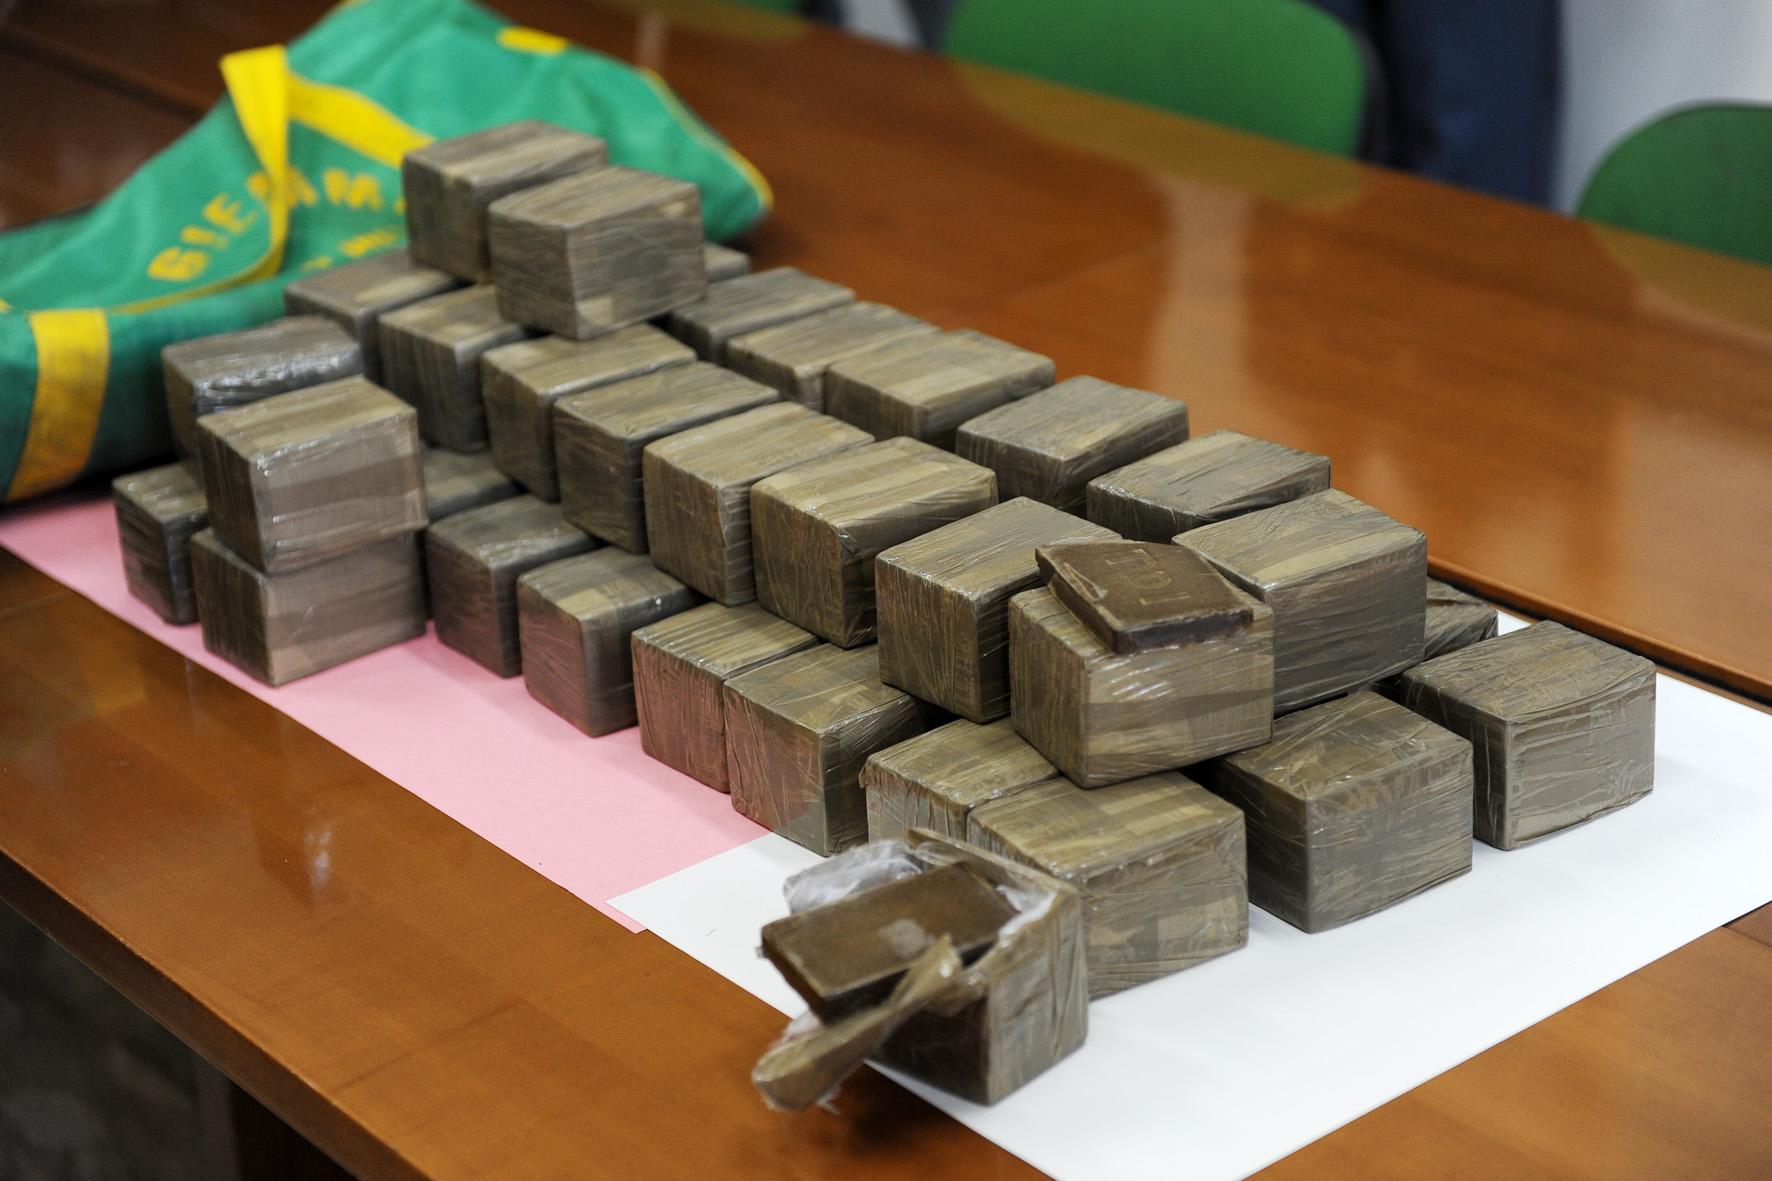 Spaccio di droga tre arresti a sapri for Arresti a poggiomarino per droga